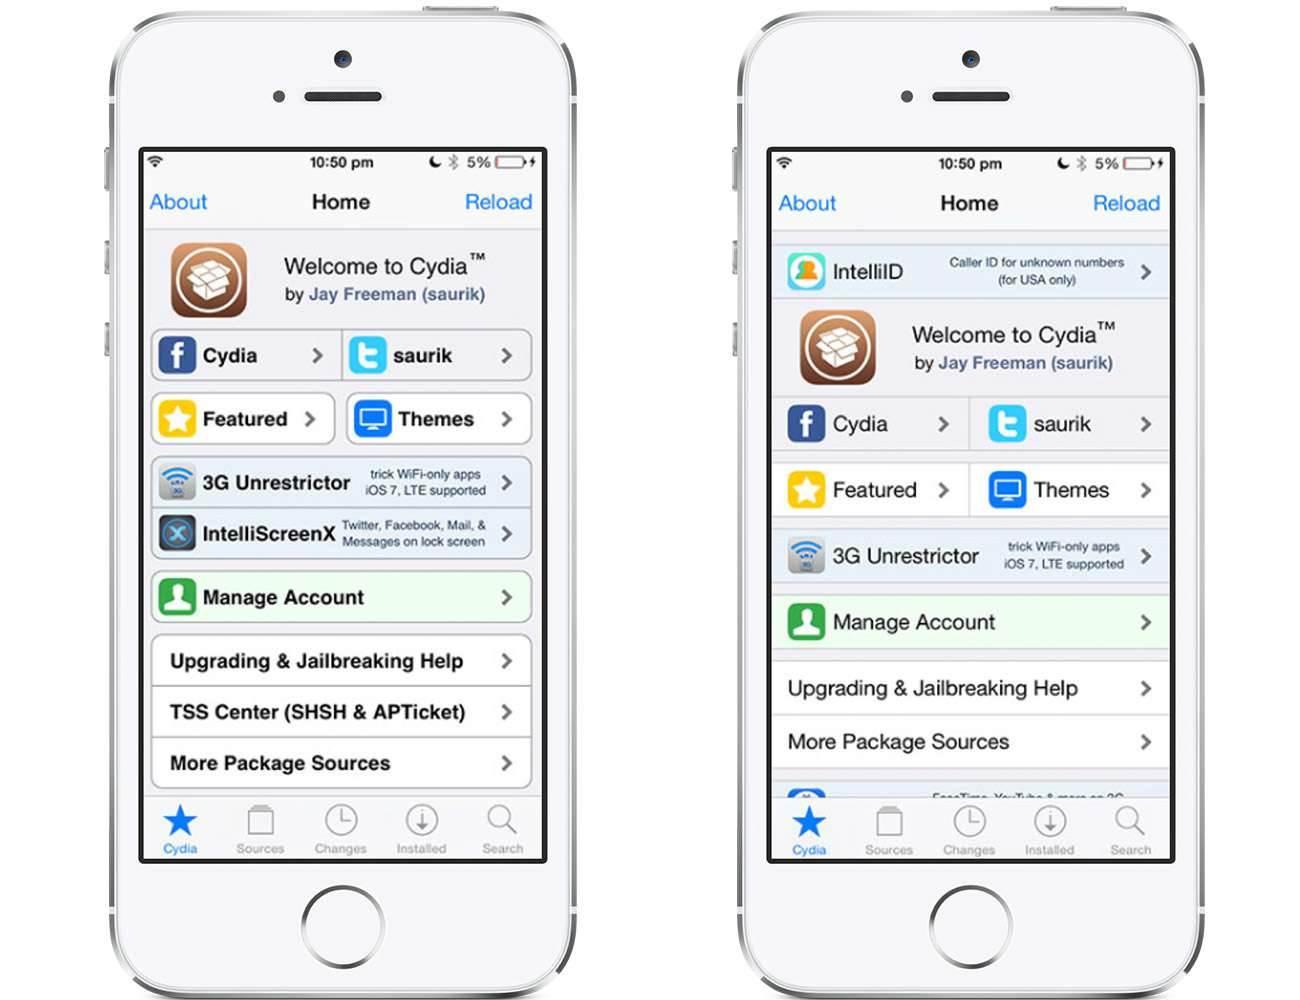 Robimy Jailbreak iOS 9.2 - 9.3.3 - instrukcja krok po kroku poradniki, polecane, cydia-i-jailbreak Wideo, Poradnik, krok po kroku, jak zrobić jailbreak iOS 9.3.3, jak wykonać jailbreak iOS 9.3.3, jak wykonać jailbreak iOS 9.3.2, jailbreak iOS 9.3.3 - iOS 9.2.2, jailbreak iOS 9.3.3, jailbreak iOS 9.3.2, jailbreak, Instrukcja, Cydia  Jak dobrze wiecie lub nie, ?coming soon? na oficjalnej stronie Pangu odnosi się do angielskiej wersji narzędzia umożliwiającego Jailbreak iOS 9.2 - 9.3.3. Mnie udało się pobrać Chińską wersję programu i wykonać całą operację na iPhonie 5S i iPadzie mini 2 z kablem Lightning Blitzwolf. Cydia